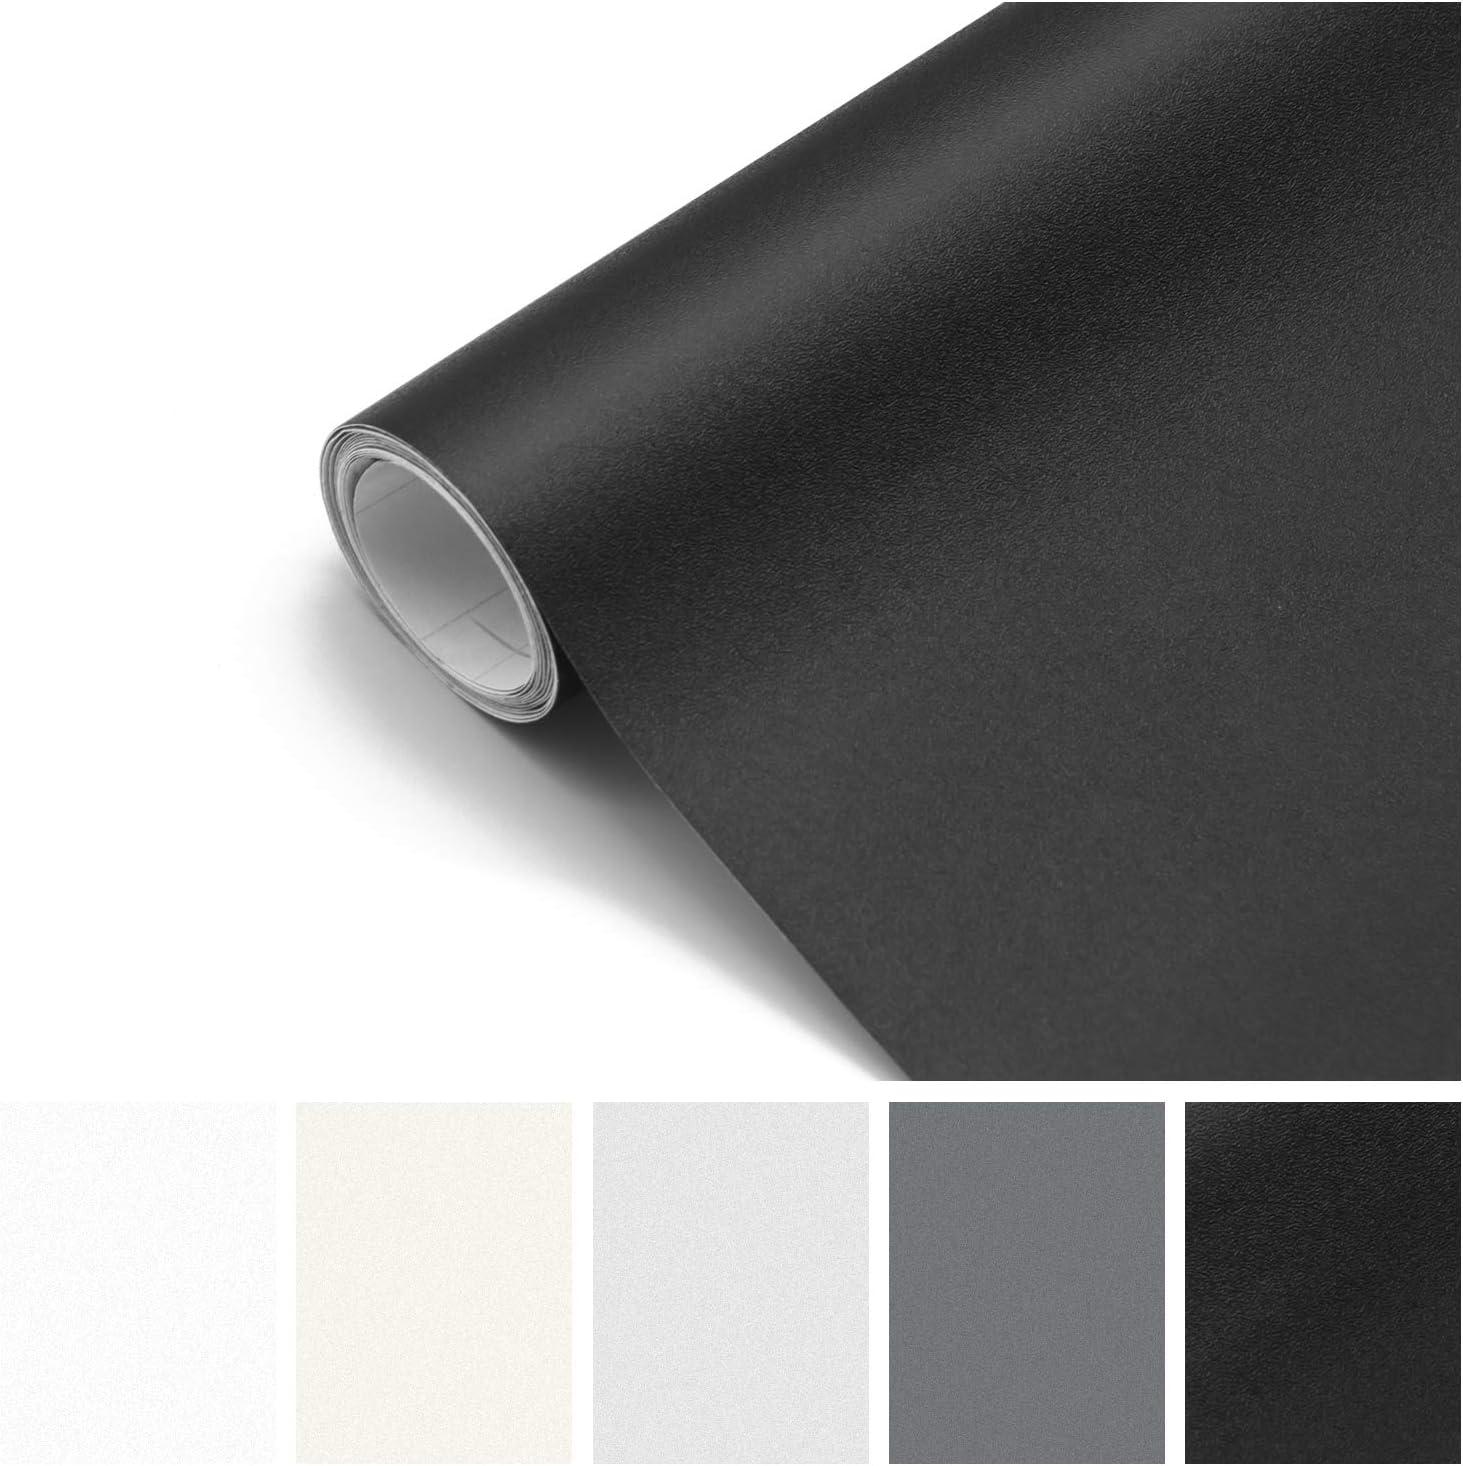 Papel Adhesivo para Muebles Pared Cocina Papel Pintado Autoadhesivo de PVC para Vinilos Decorativos Mate Negro 61 x 500 cm: Amazon.es: Bricolaje y herramientas